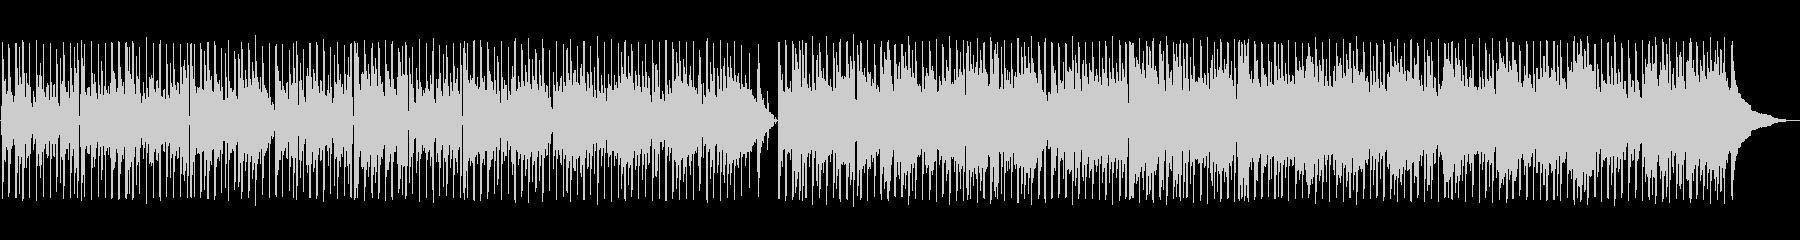 しっとり切ないアコギの未再生の波形